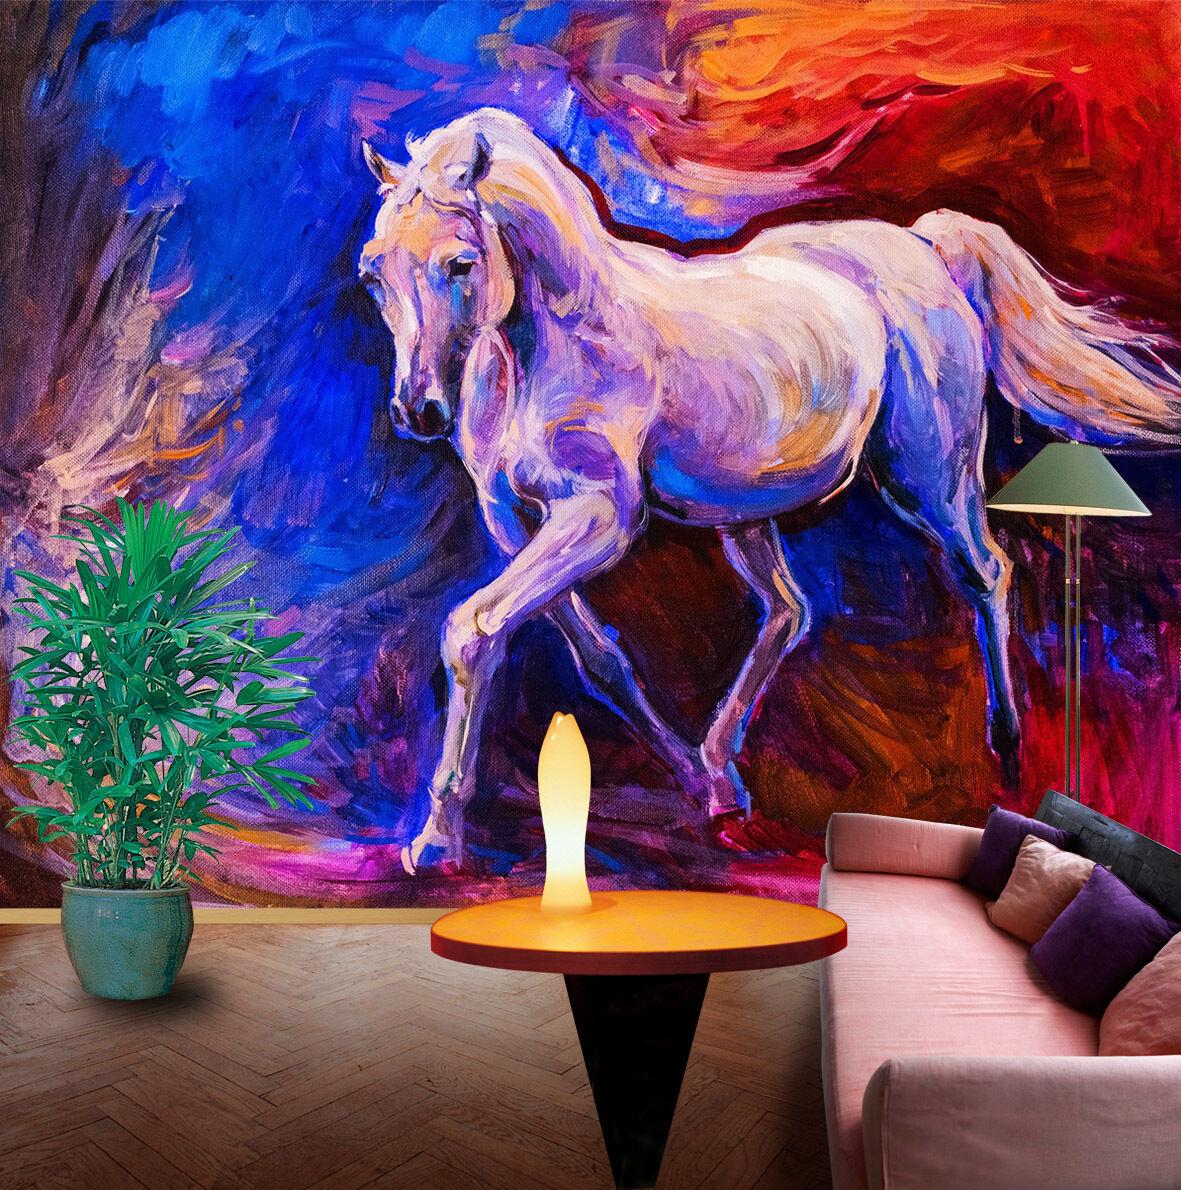 3D Painting Horse 1050 WallPaper Murals Wall Print Decal Wall Deco AJ WALLPAPER